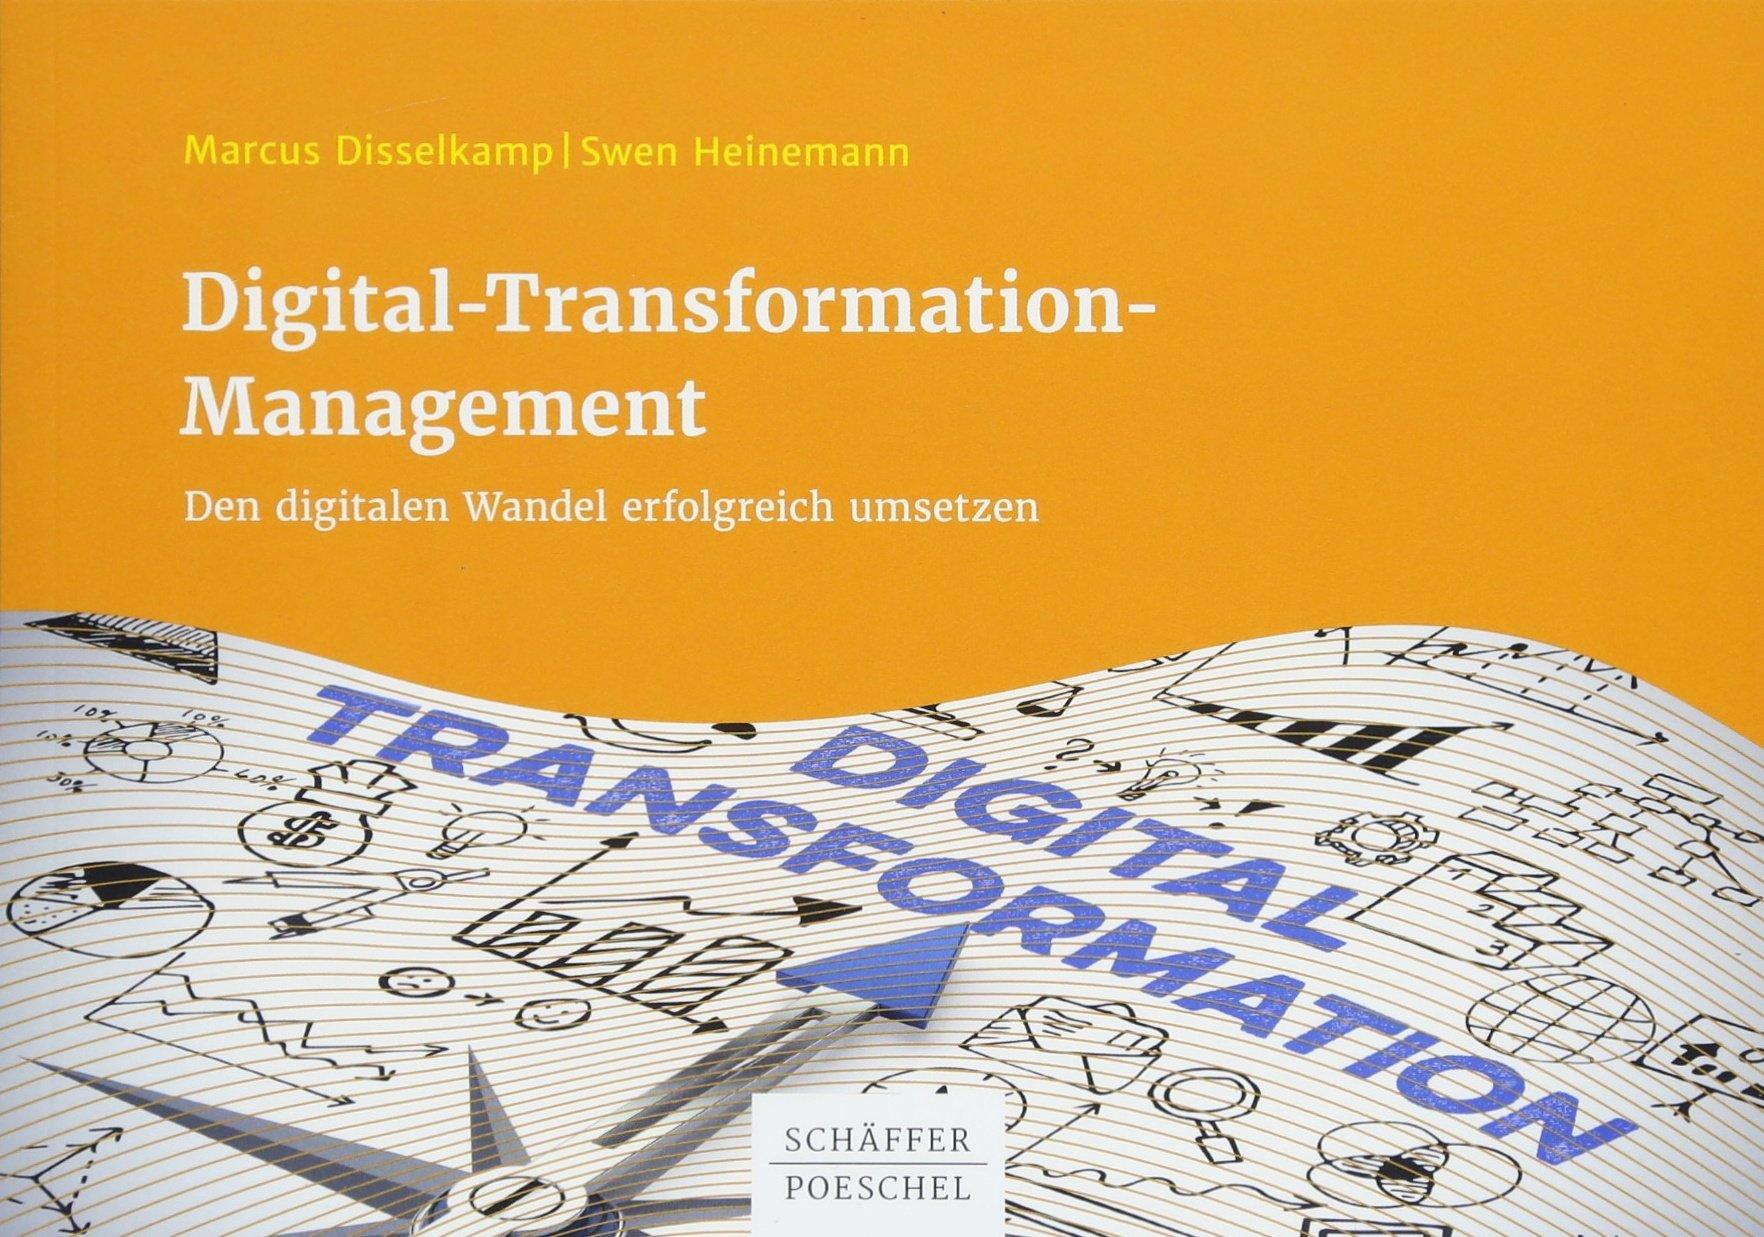 Digital-Transformation-Management: Den digitalen Wandel erfolgreich umsetzen